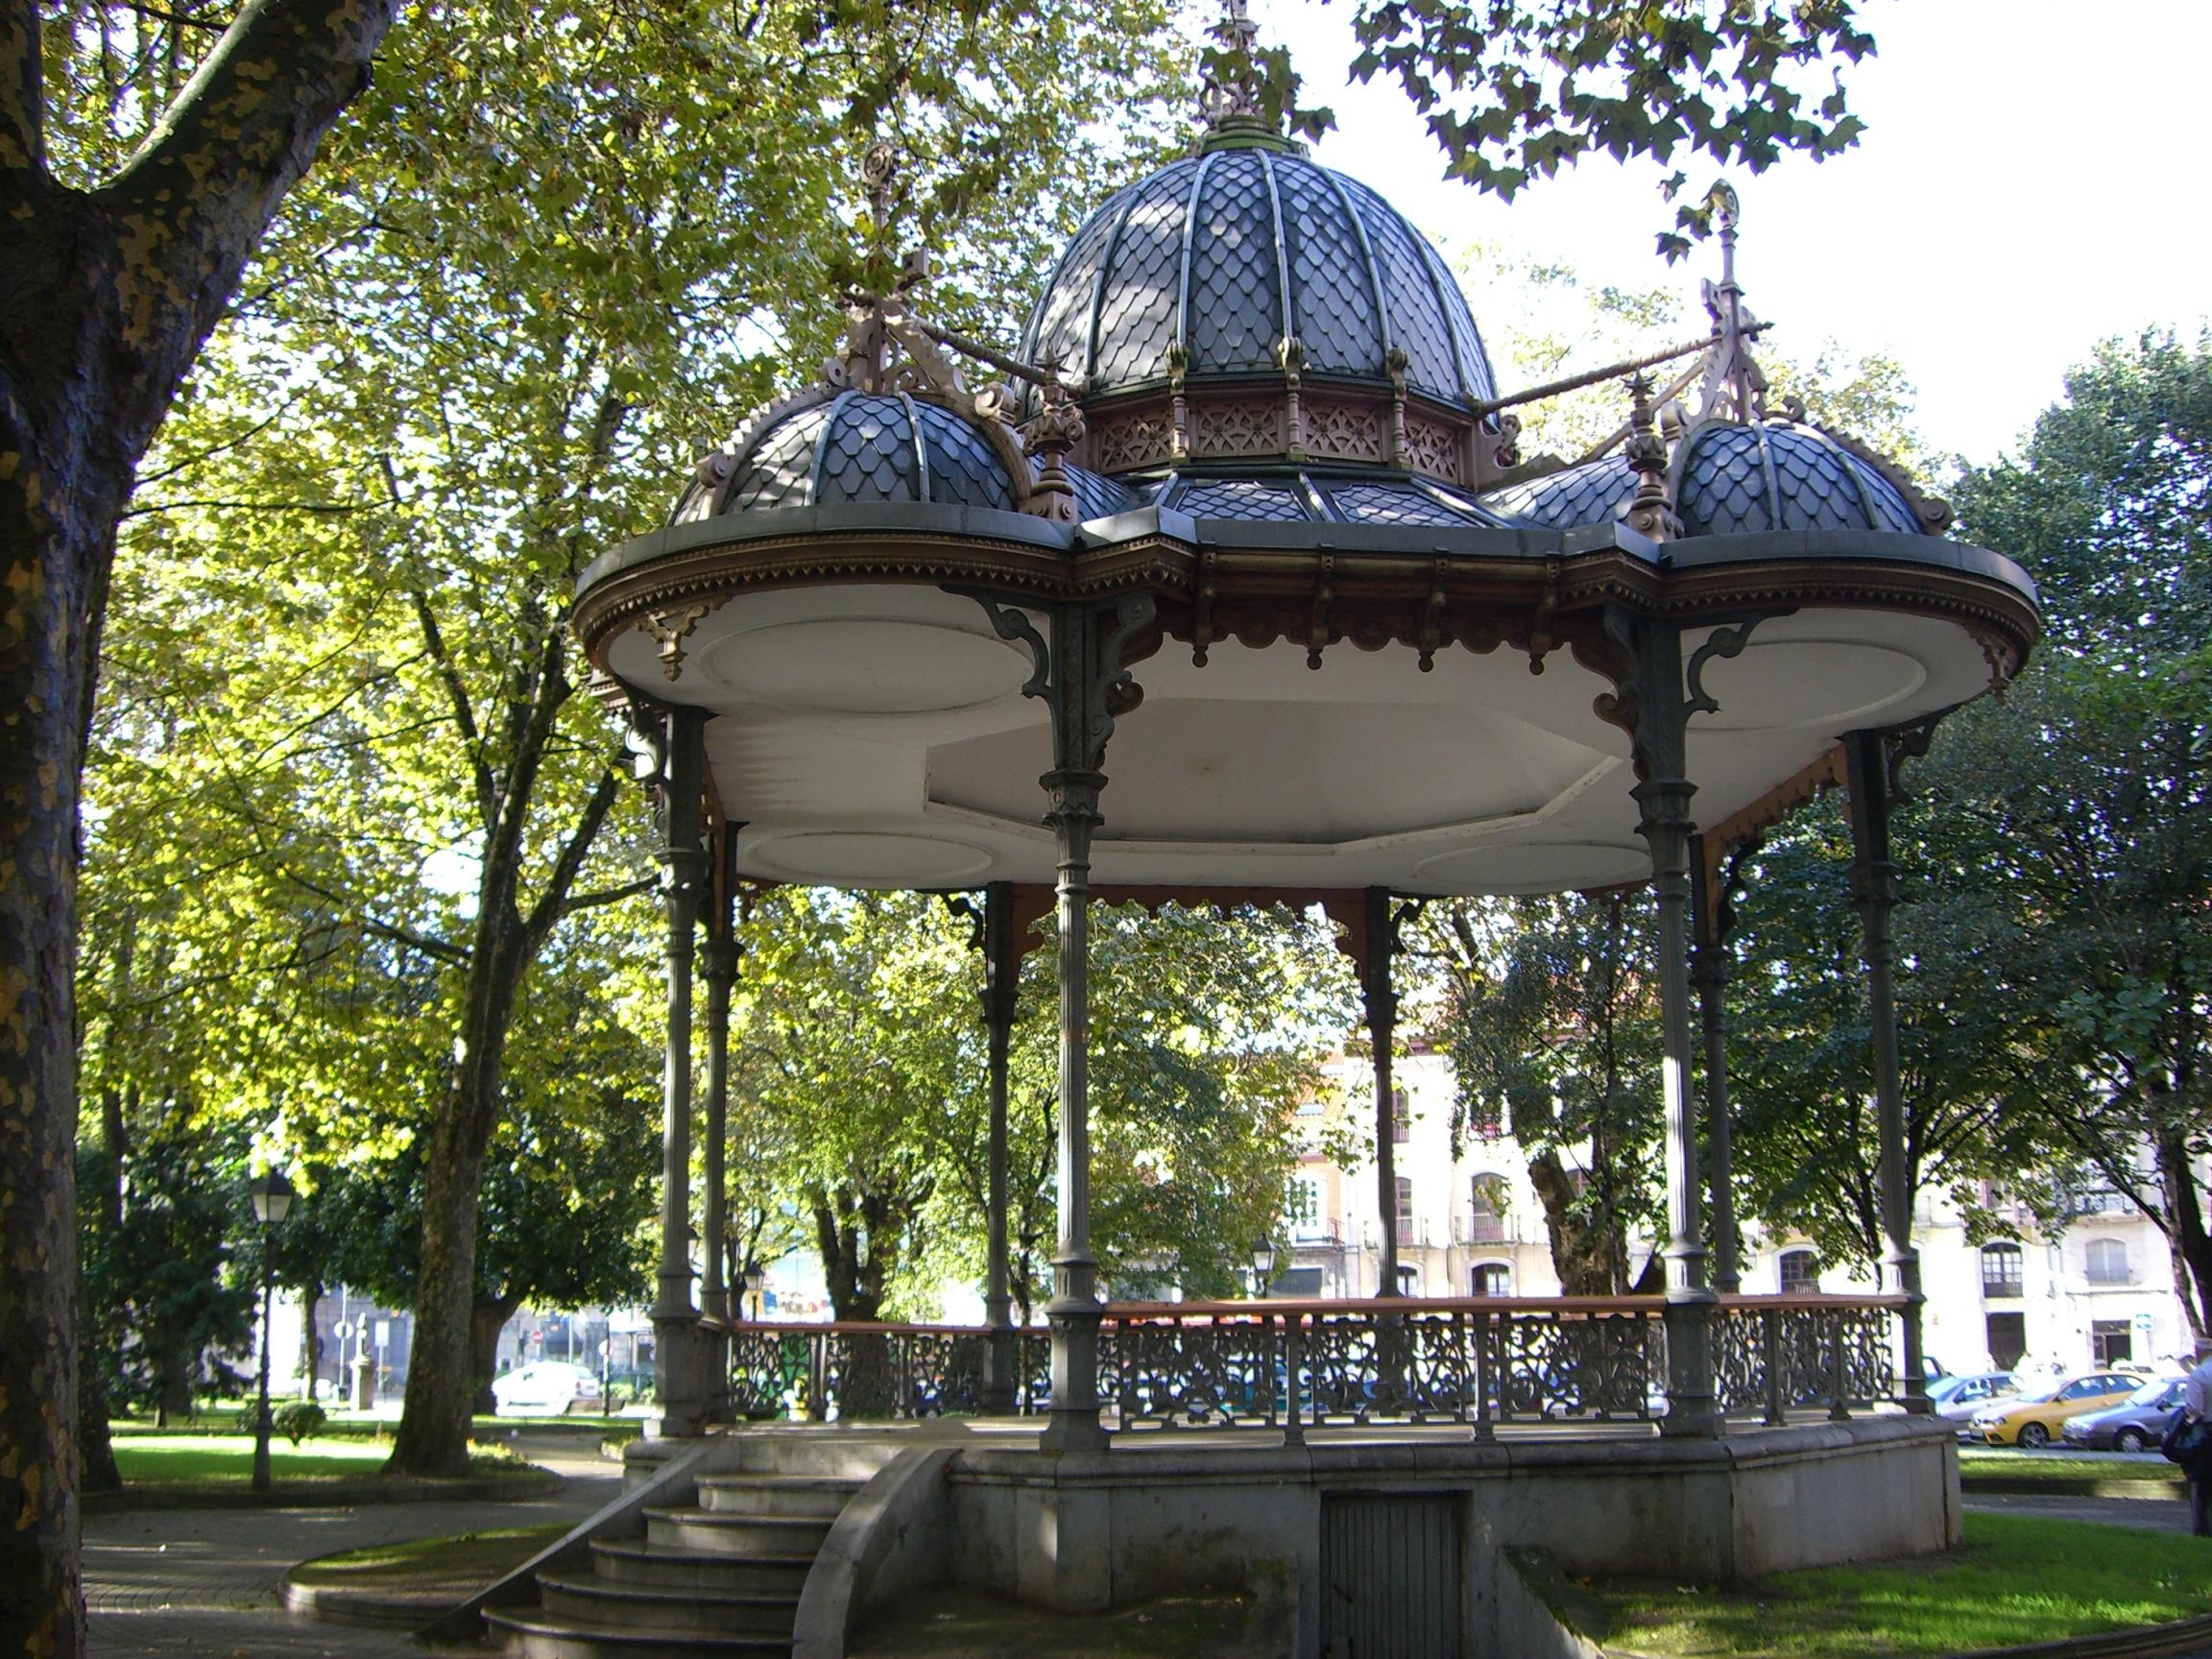 El kiosco del parque del muelle los episodios avilesinos for Kioscos de madera baratos